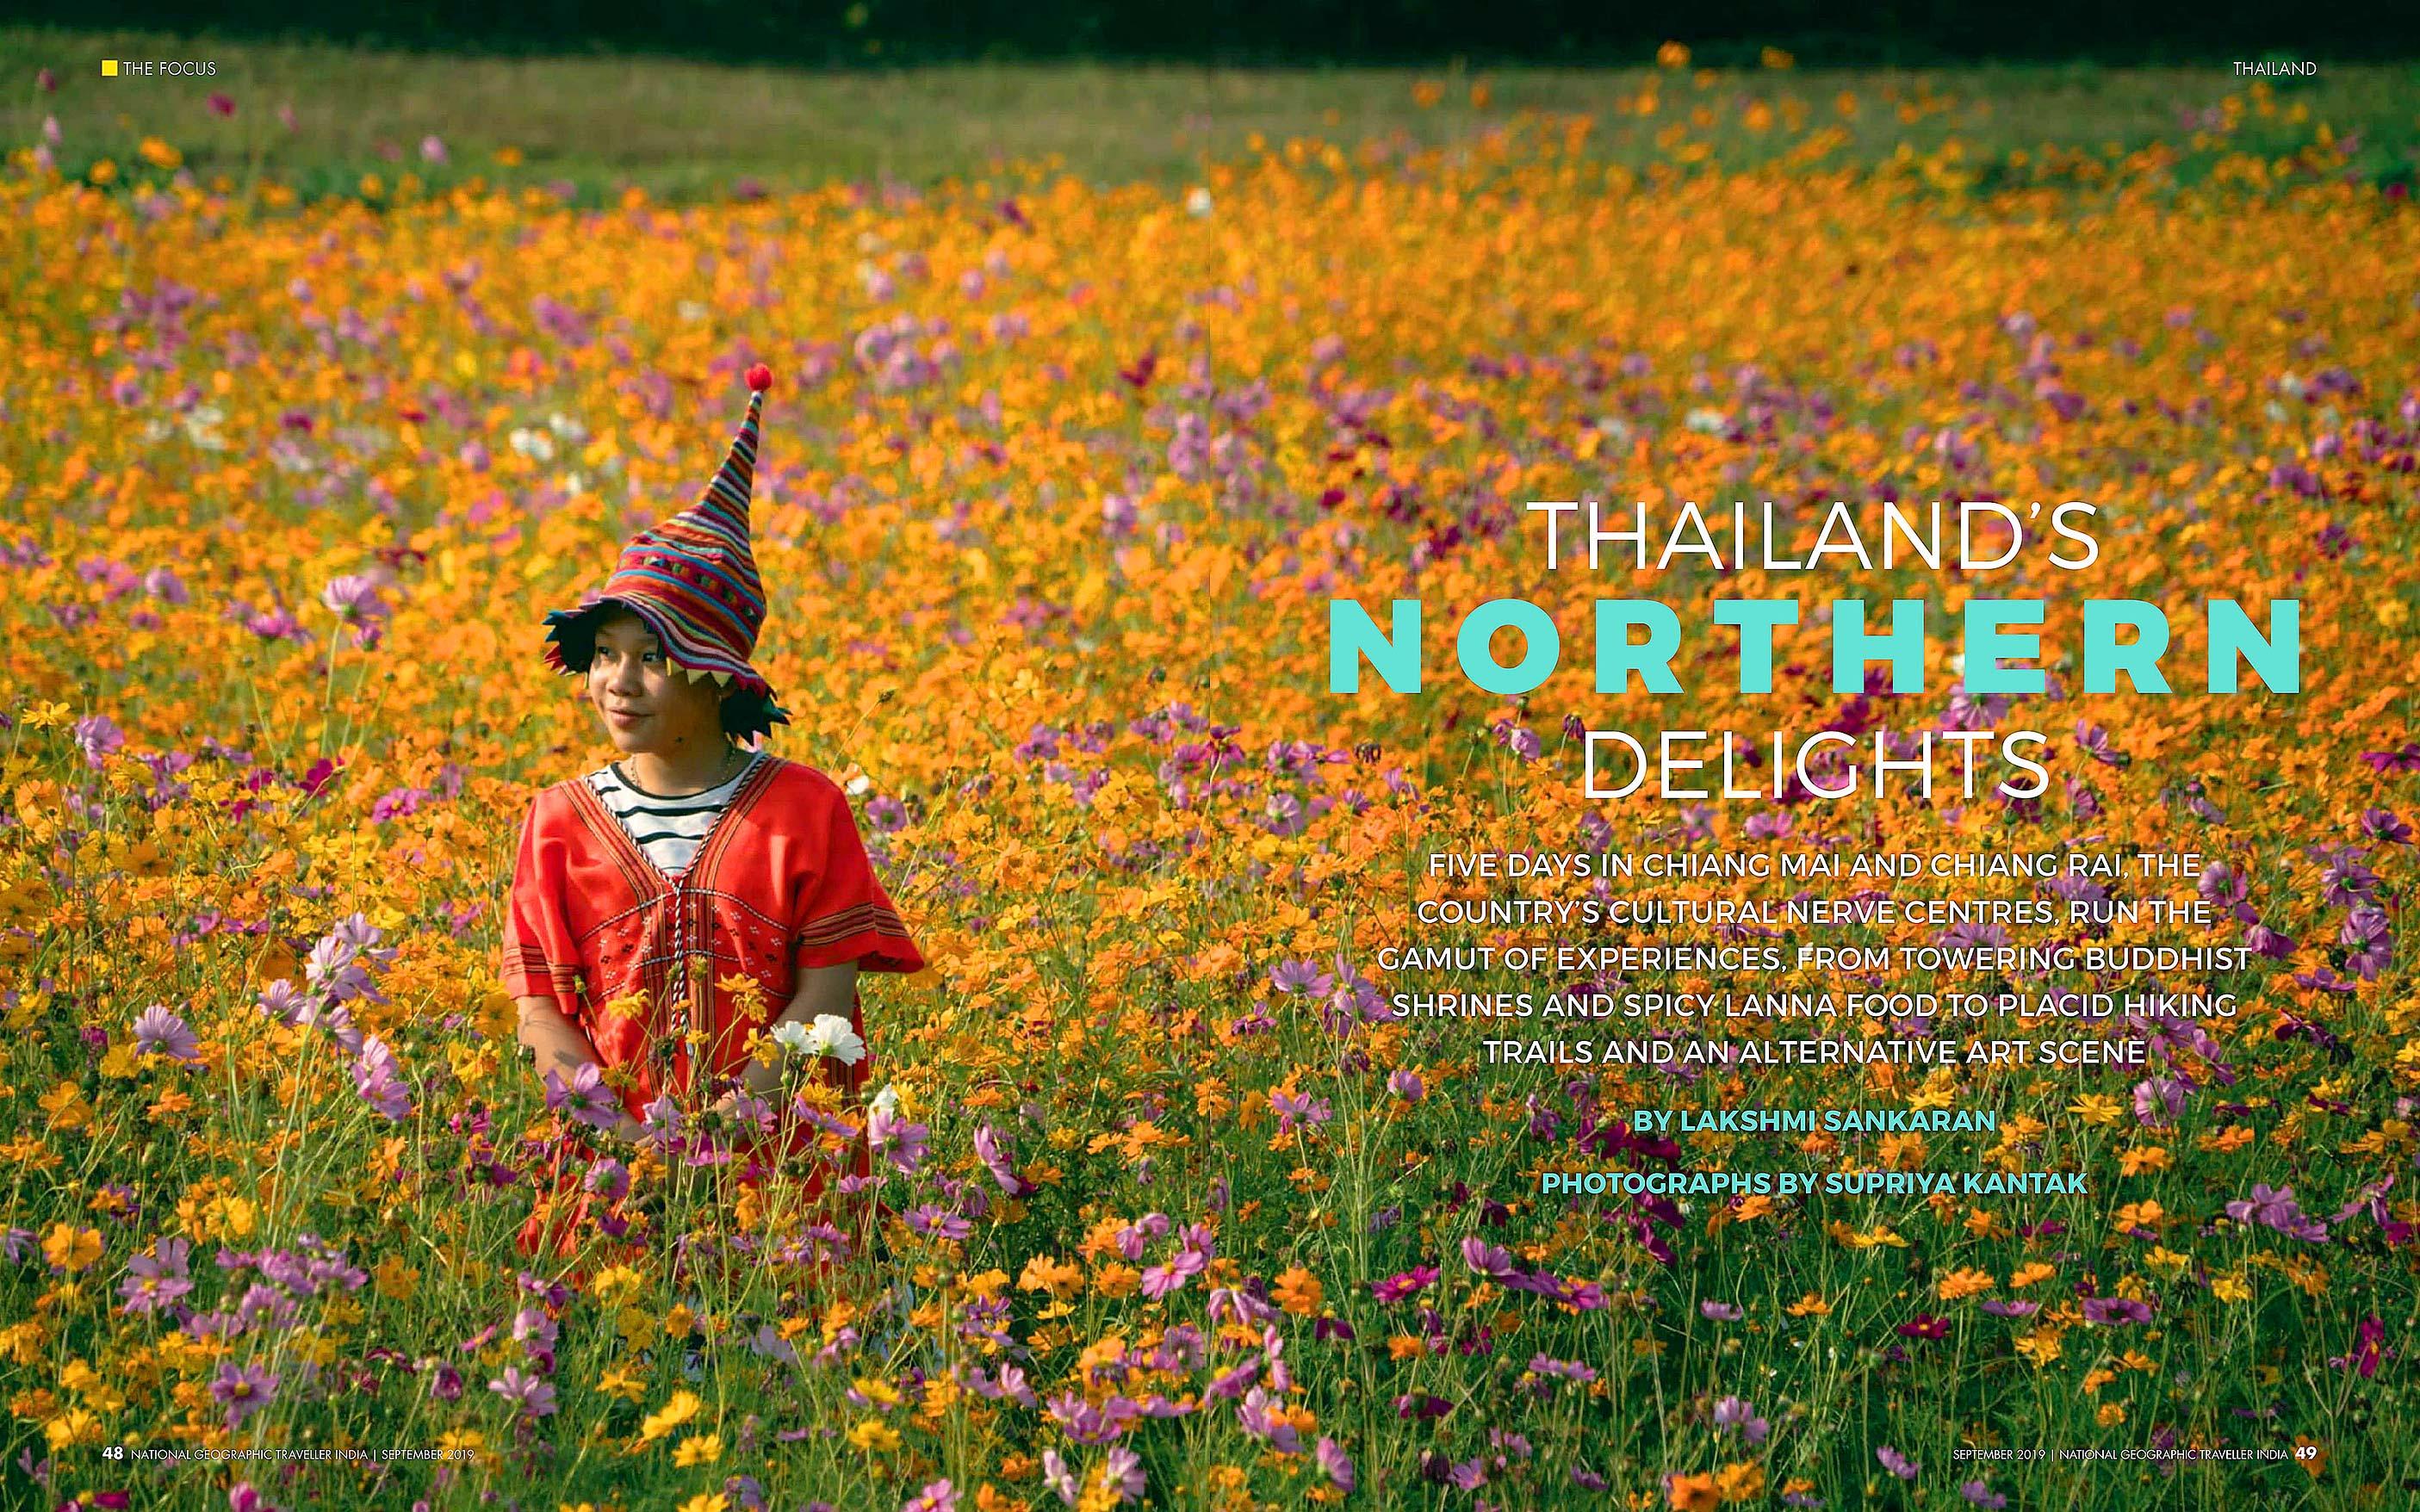 NG Traveller India 1909 Thai 01.jpg